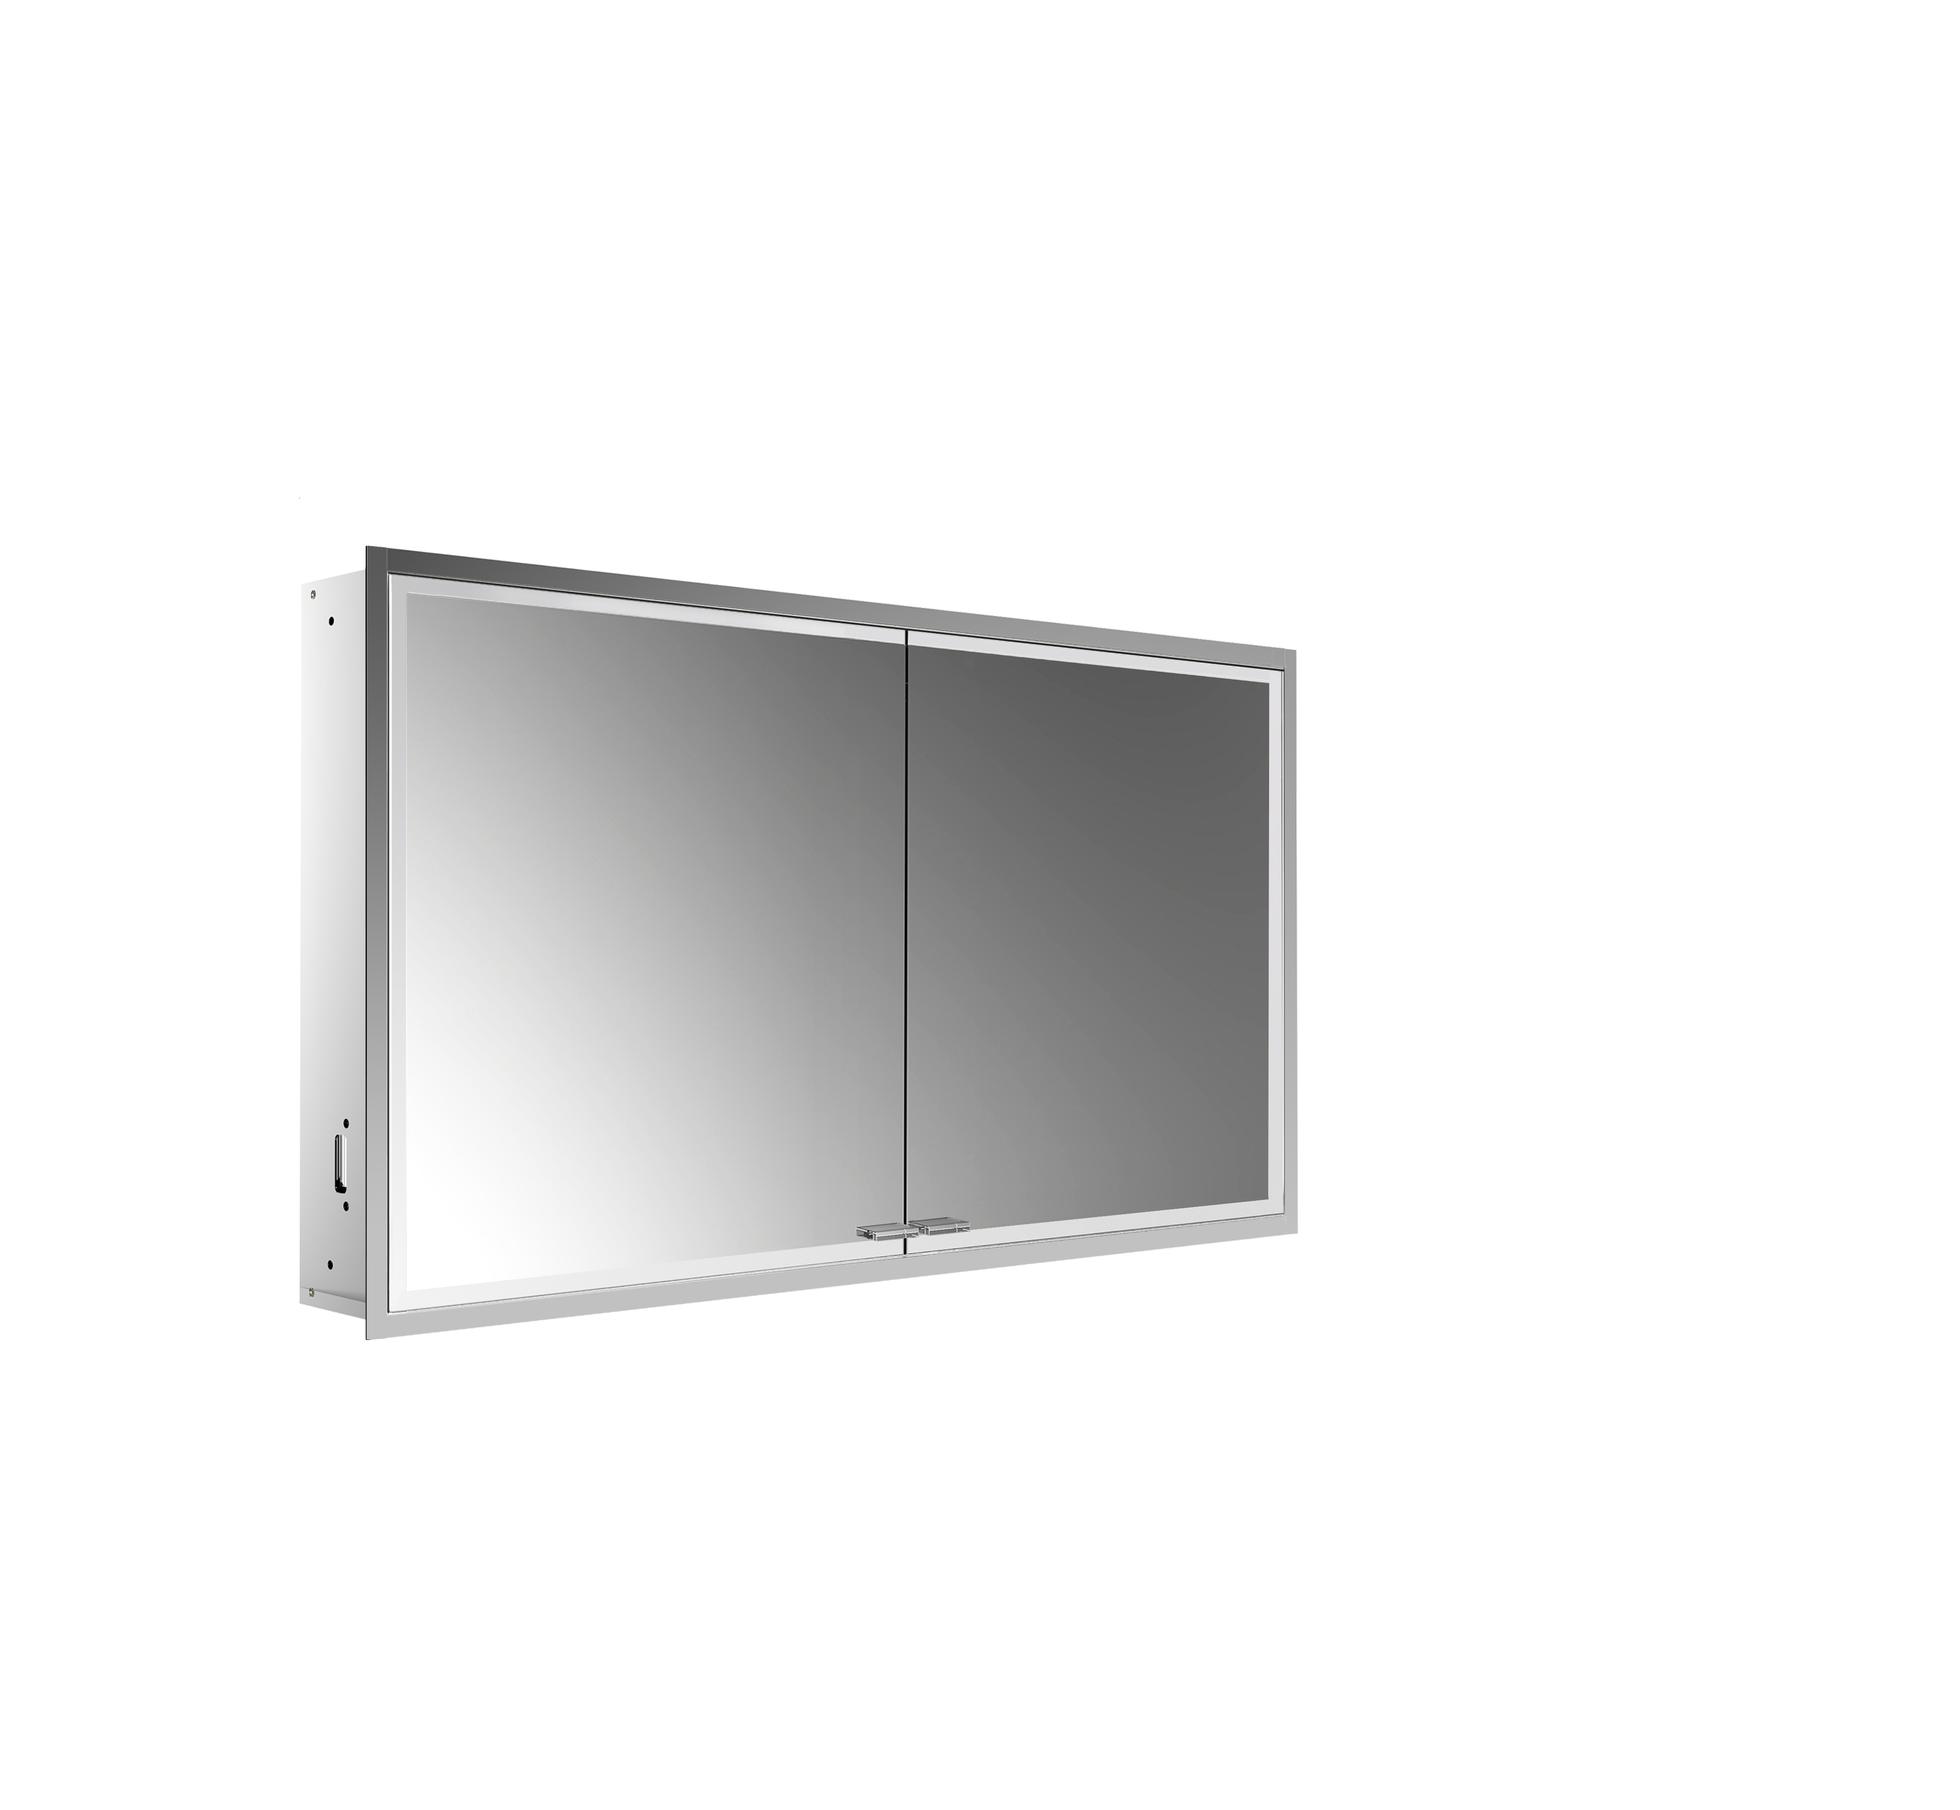 Hauteur Armoire De Toilette emco asis prestige 2 - armoire de toilette avec éclairage